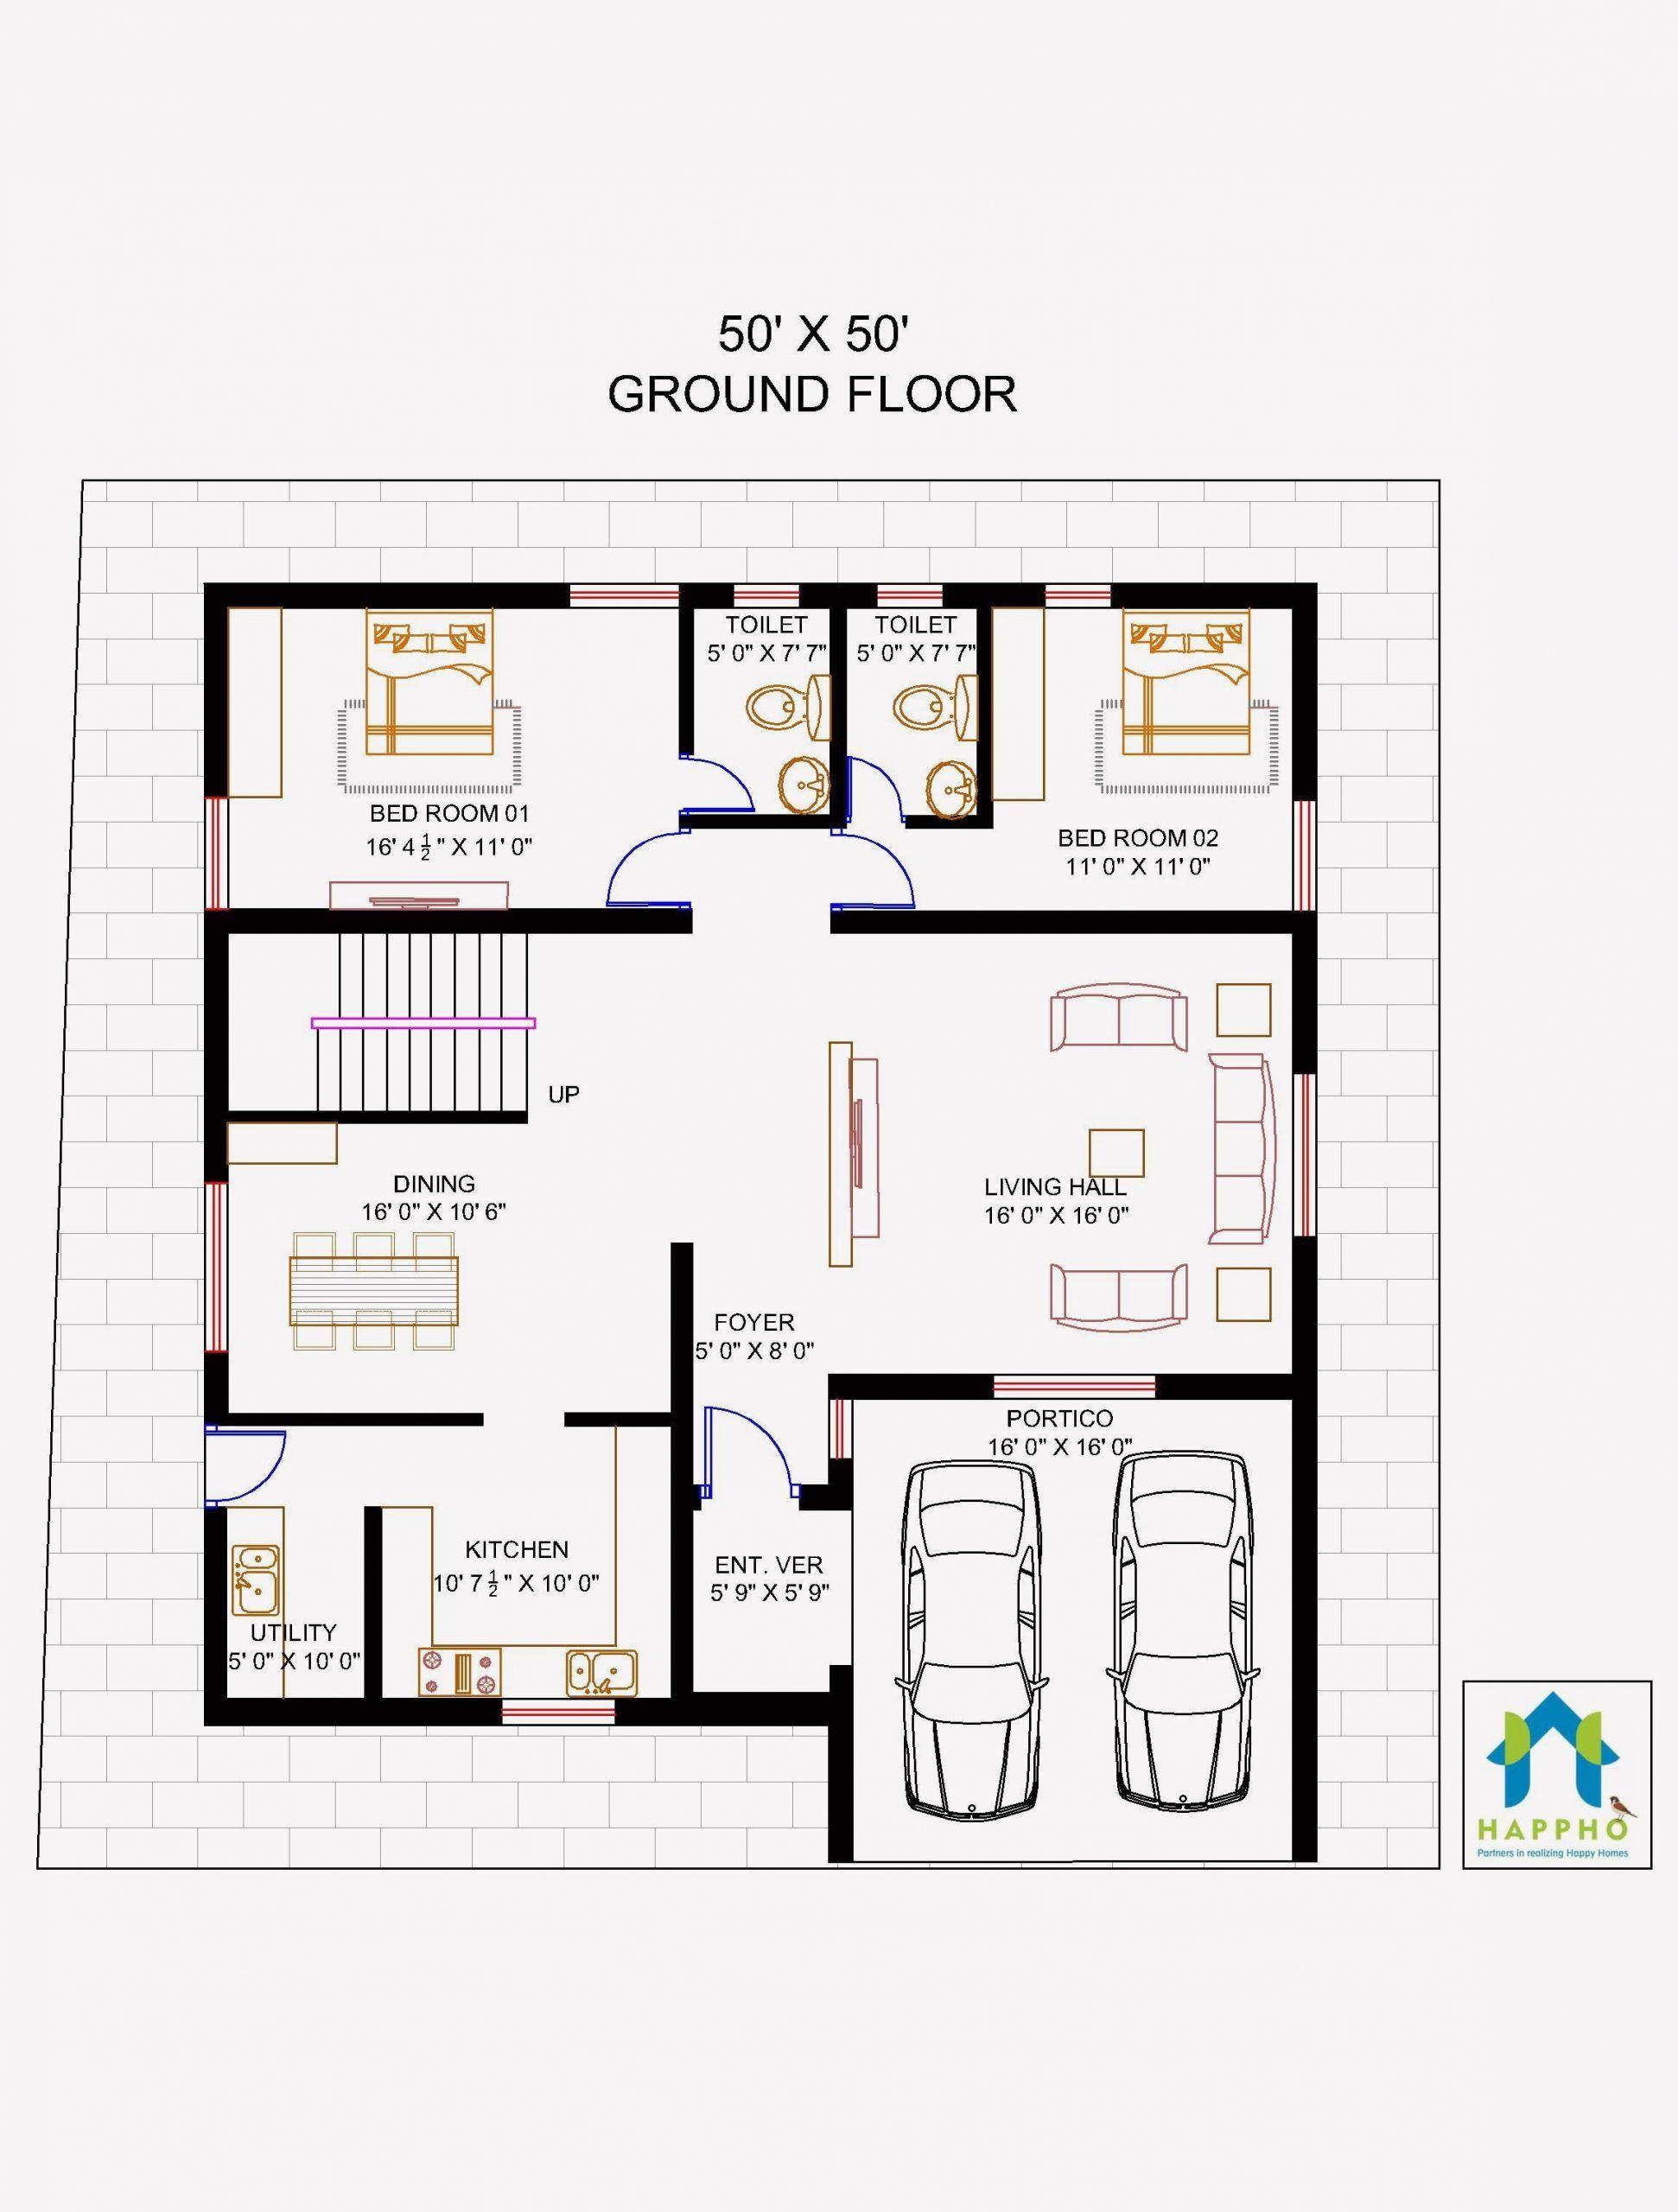 13 House Ground Floor Design Bungalow Floor Plans House Plans House Floor Plans